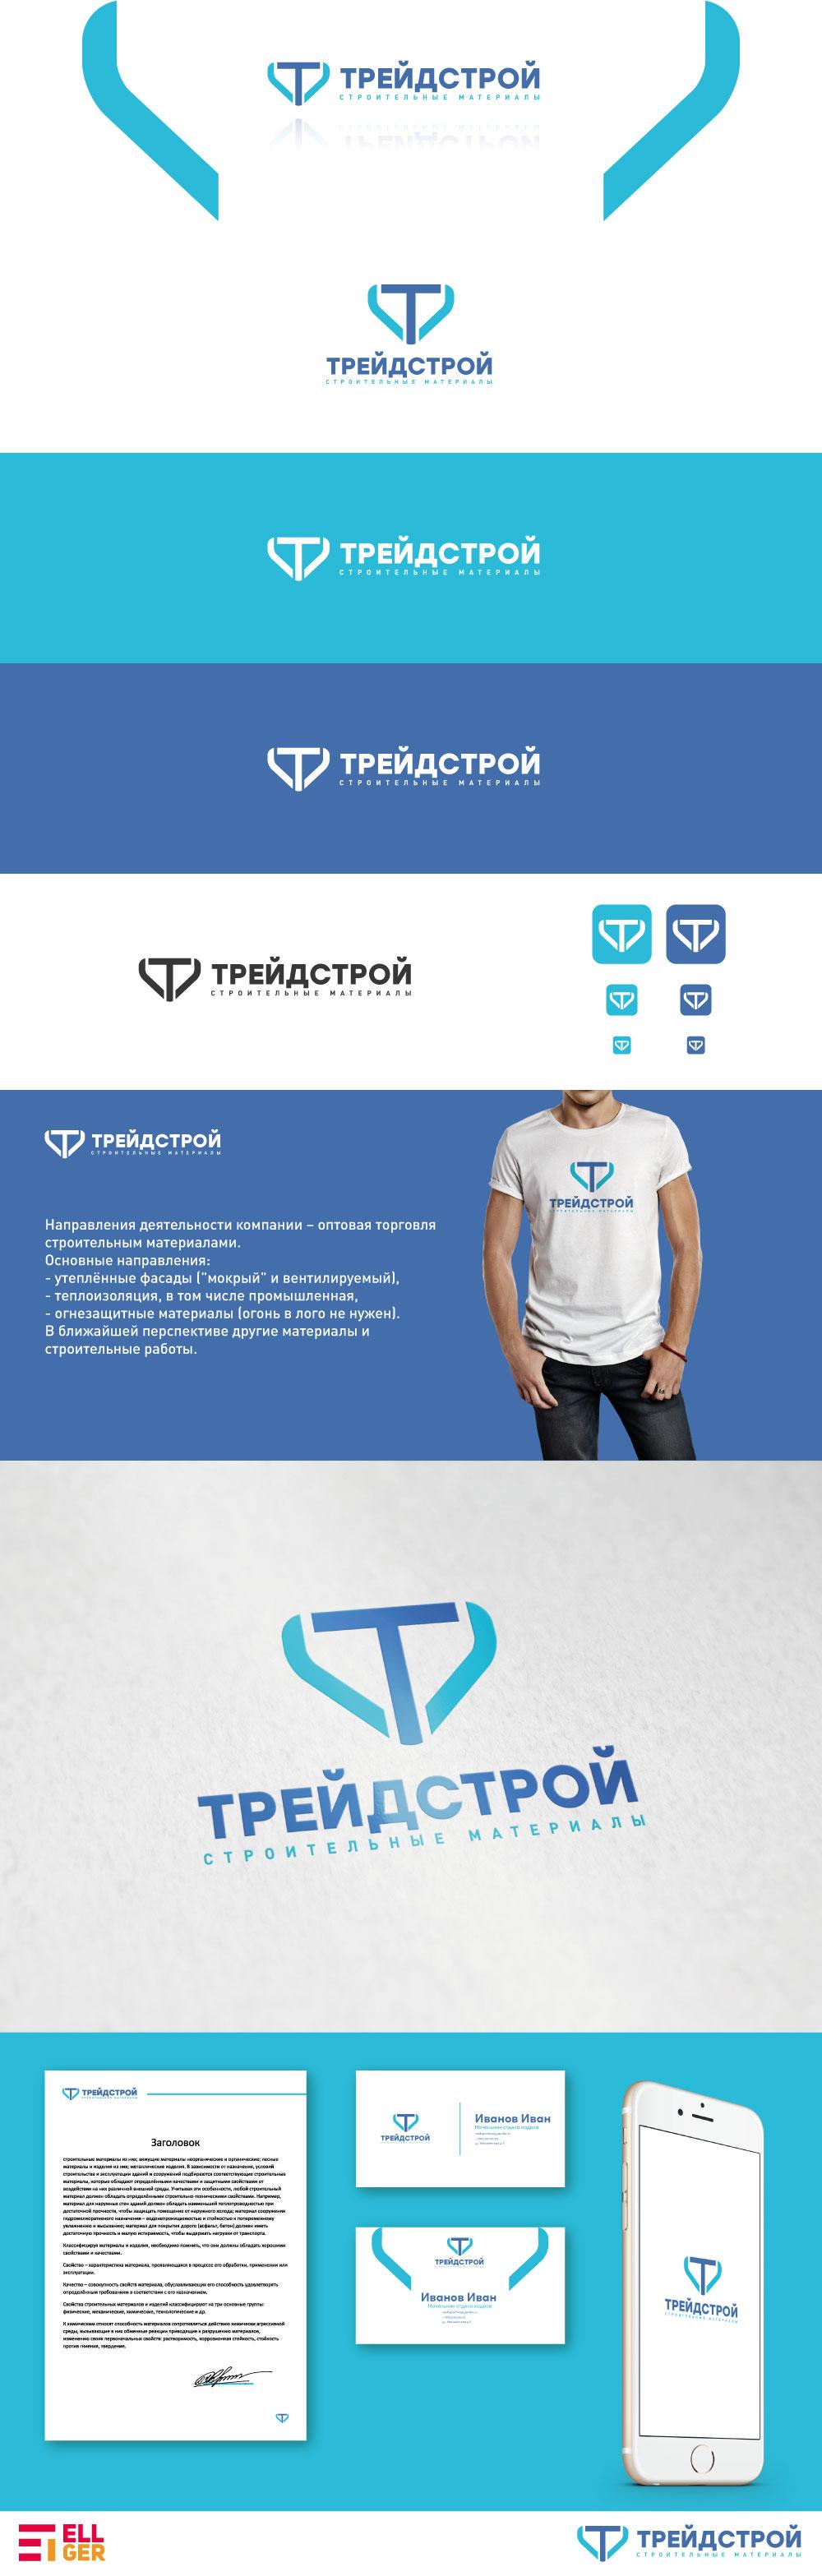 Разработка логотипа и общего стиля компании. фото f_9835b02c497b556f.jpg